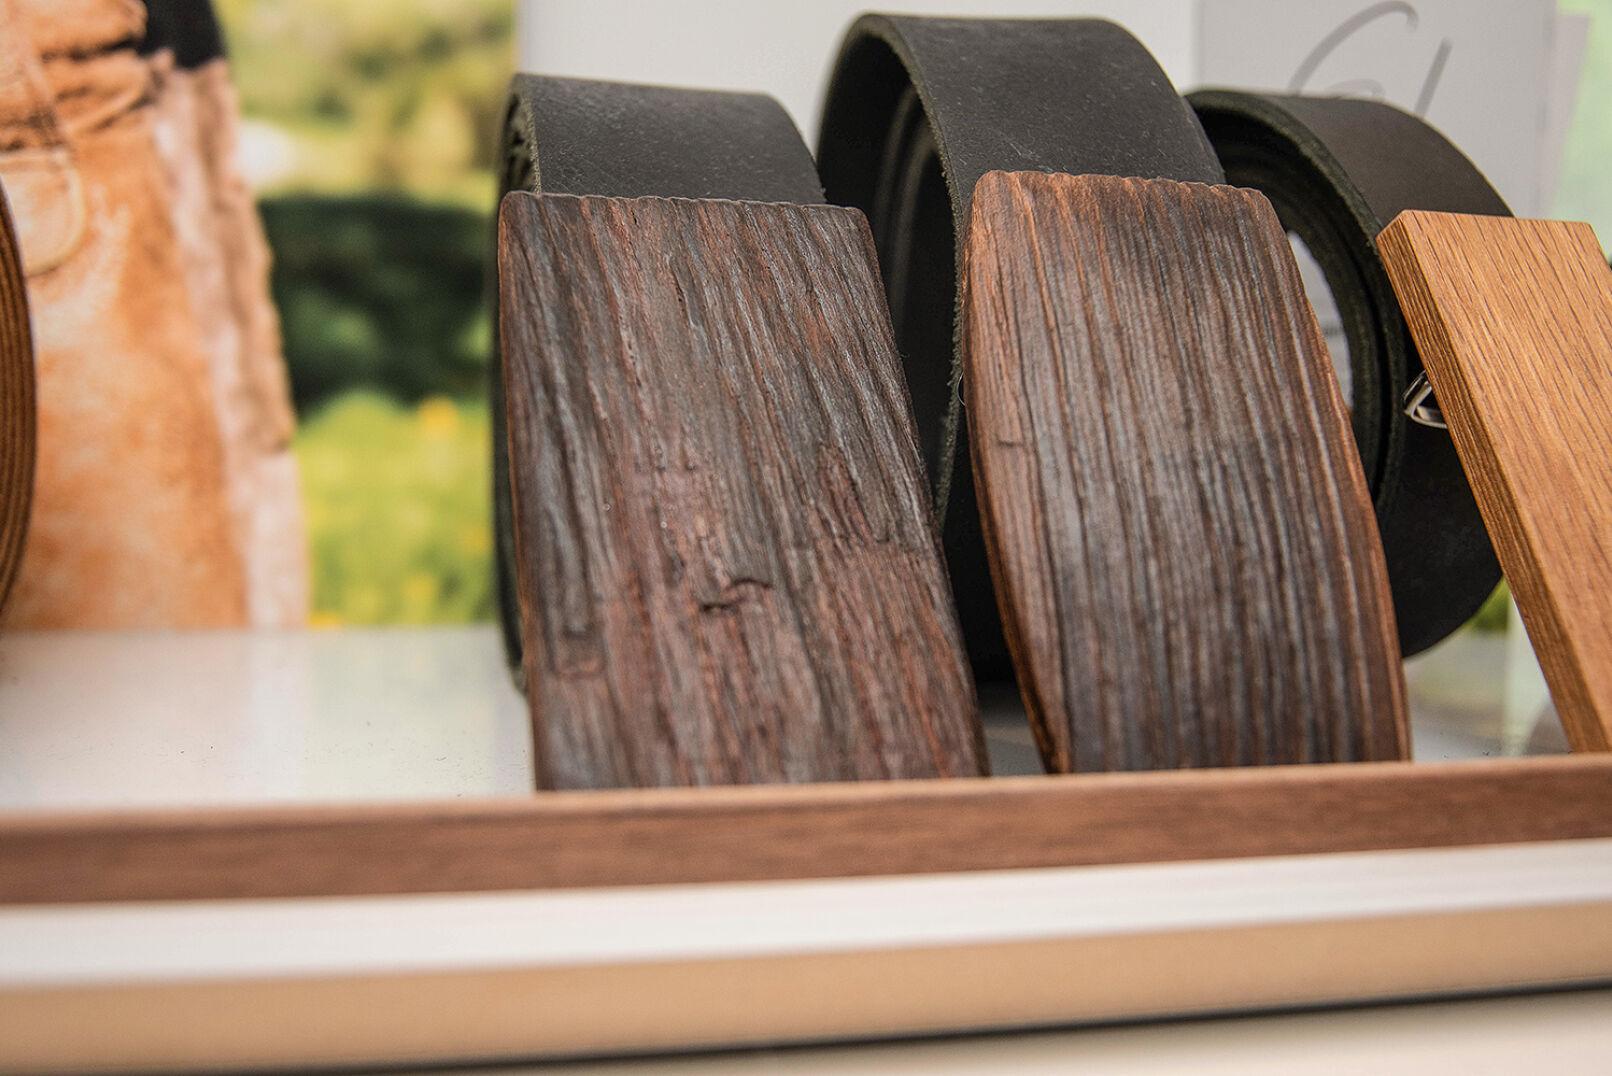 Ledergürtel aus alten Most- und Weinfässern sind an Lederhosen und Dirndln ein Blickfang! - © Barbara Marko